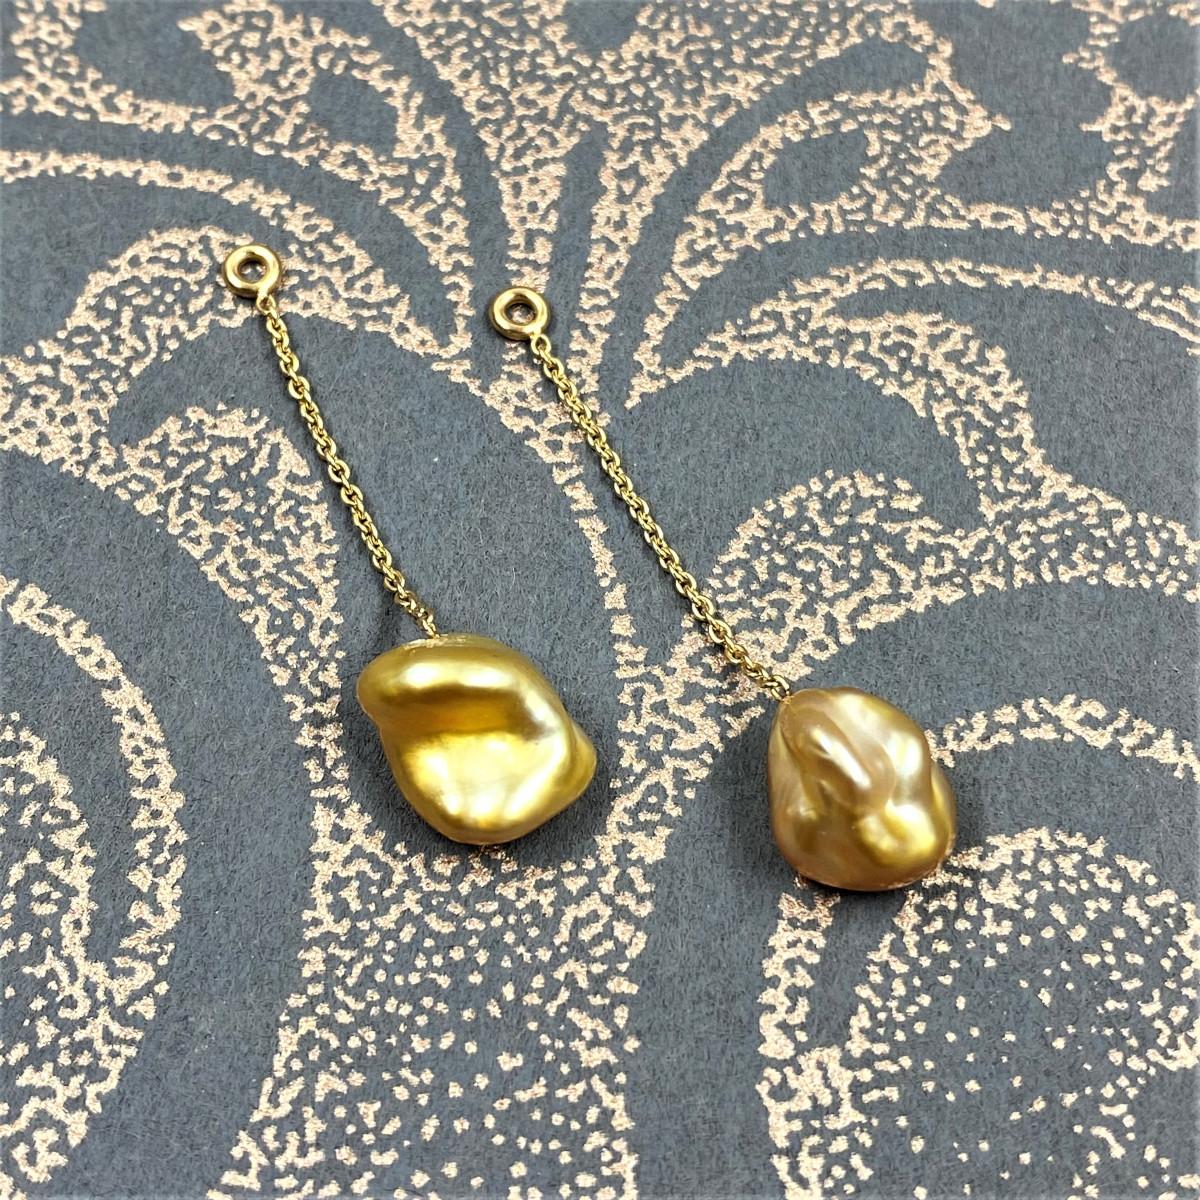 Örhängen, påhängen, gula pärlor